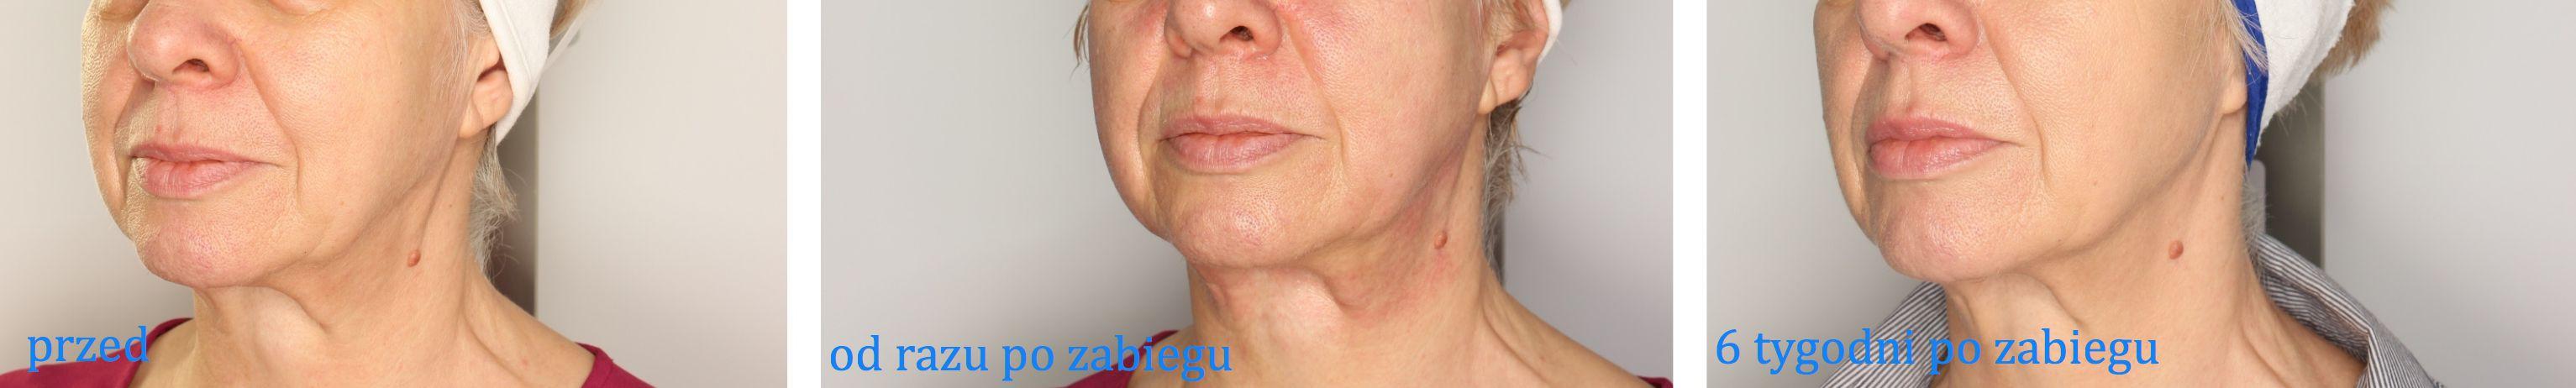 Zdjęcia przed i po zabiegu na owal twarzy HIFU